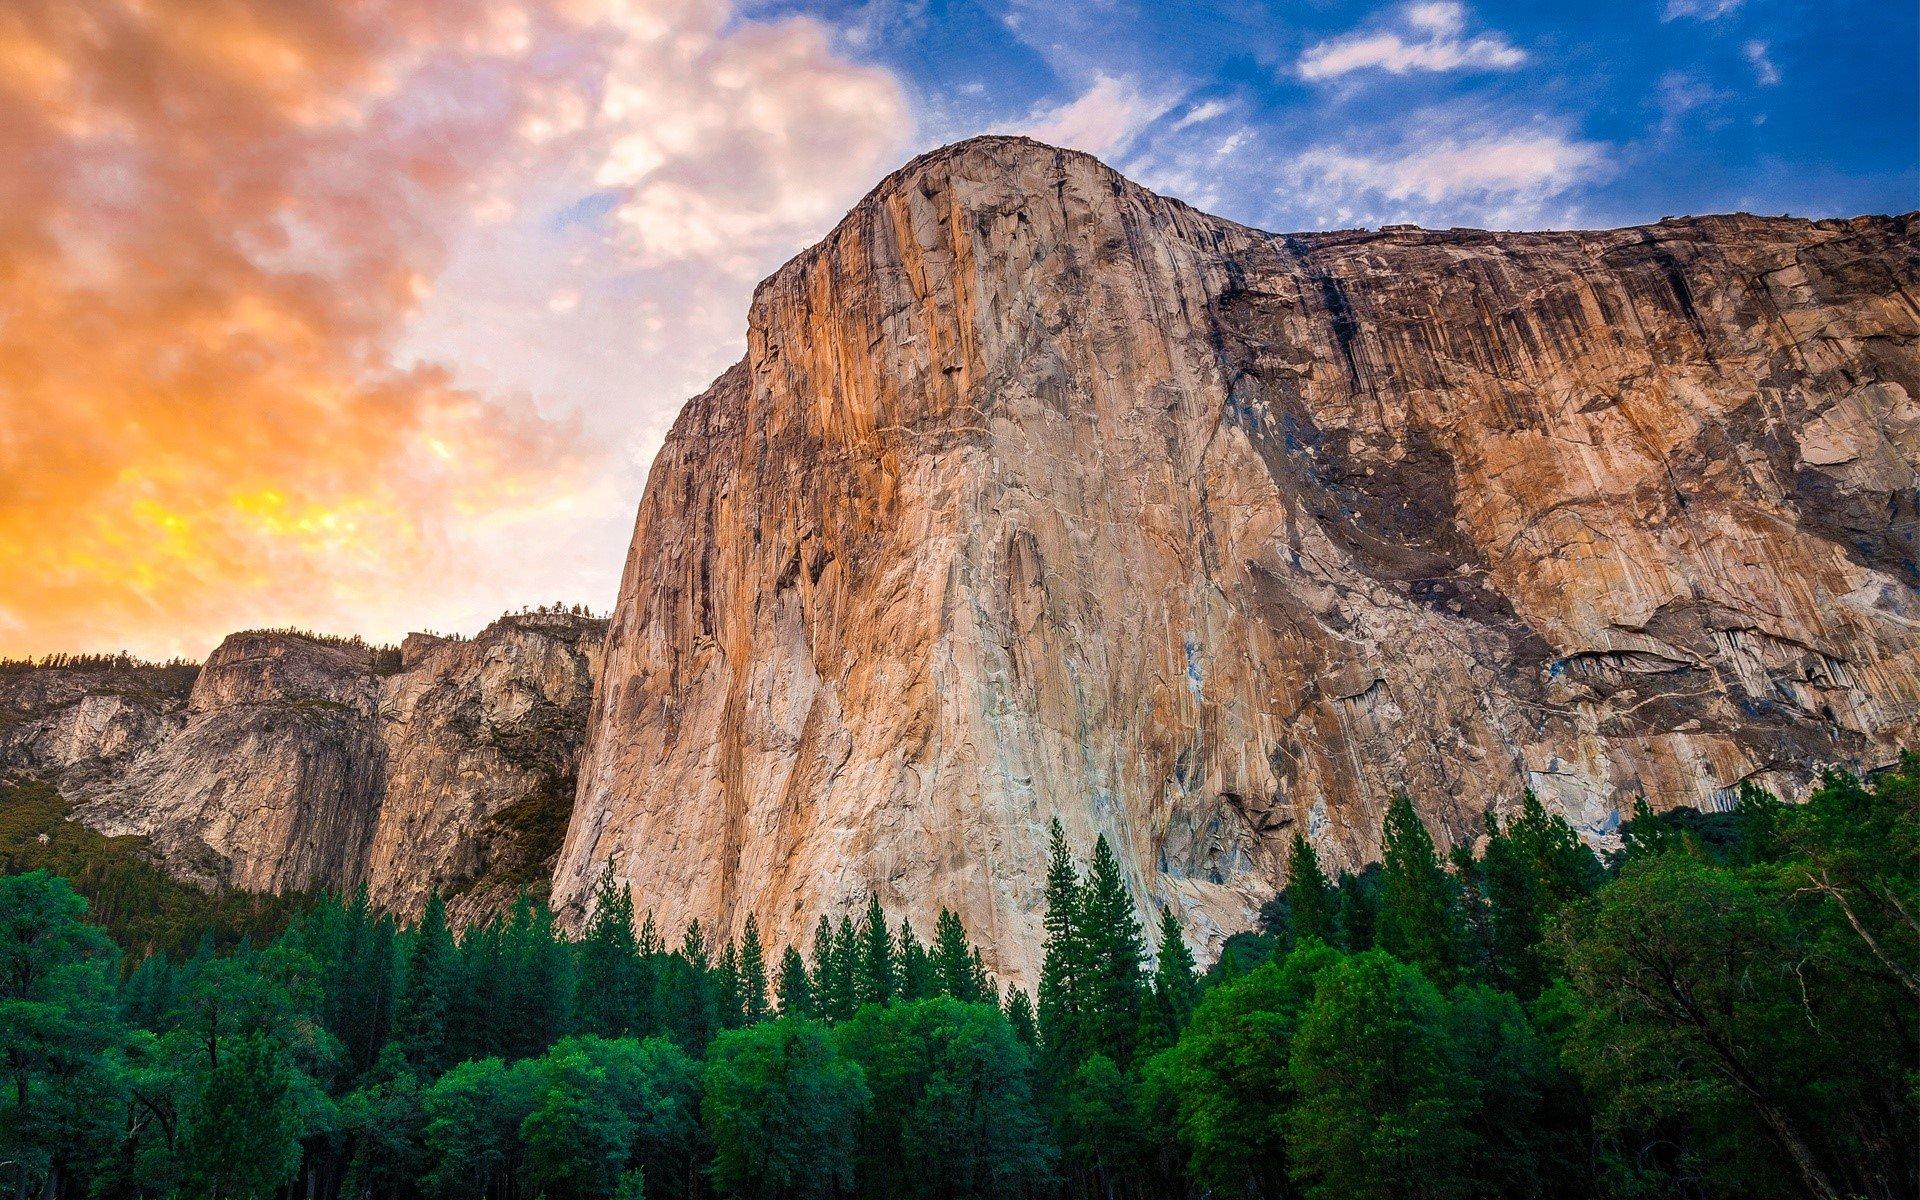 Fondo de pantalla de Montañas Yosemite Imágenes